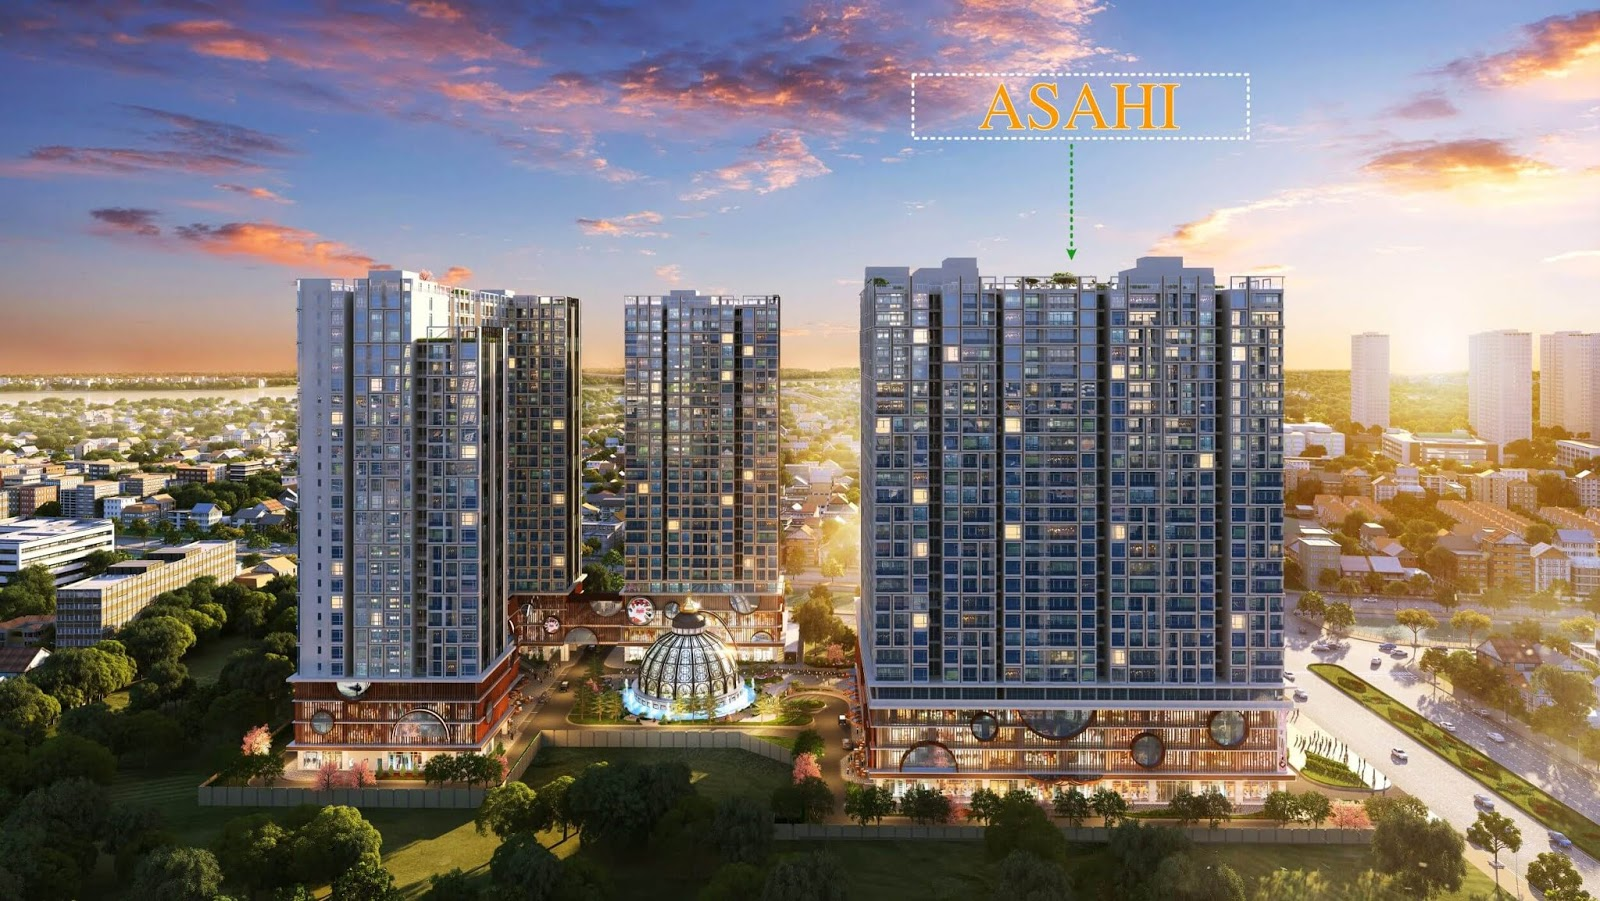 Ra mắt toà Asahi thuộc tổng thể dự án Hinode City